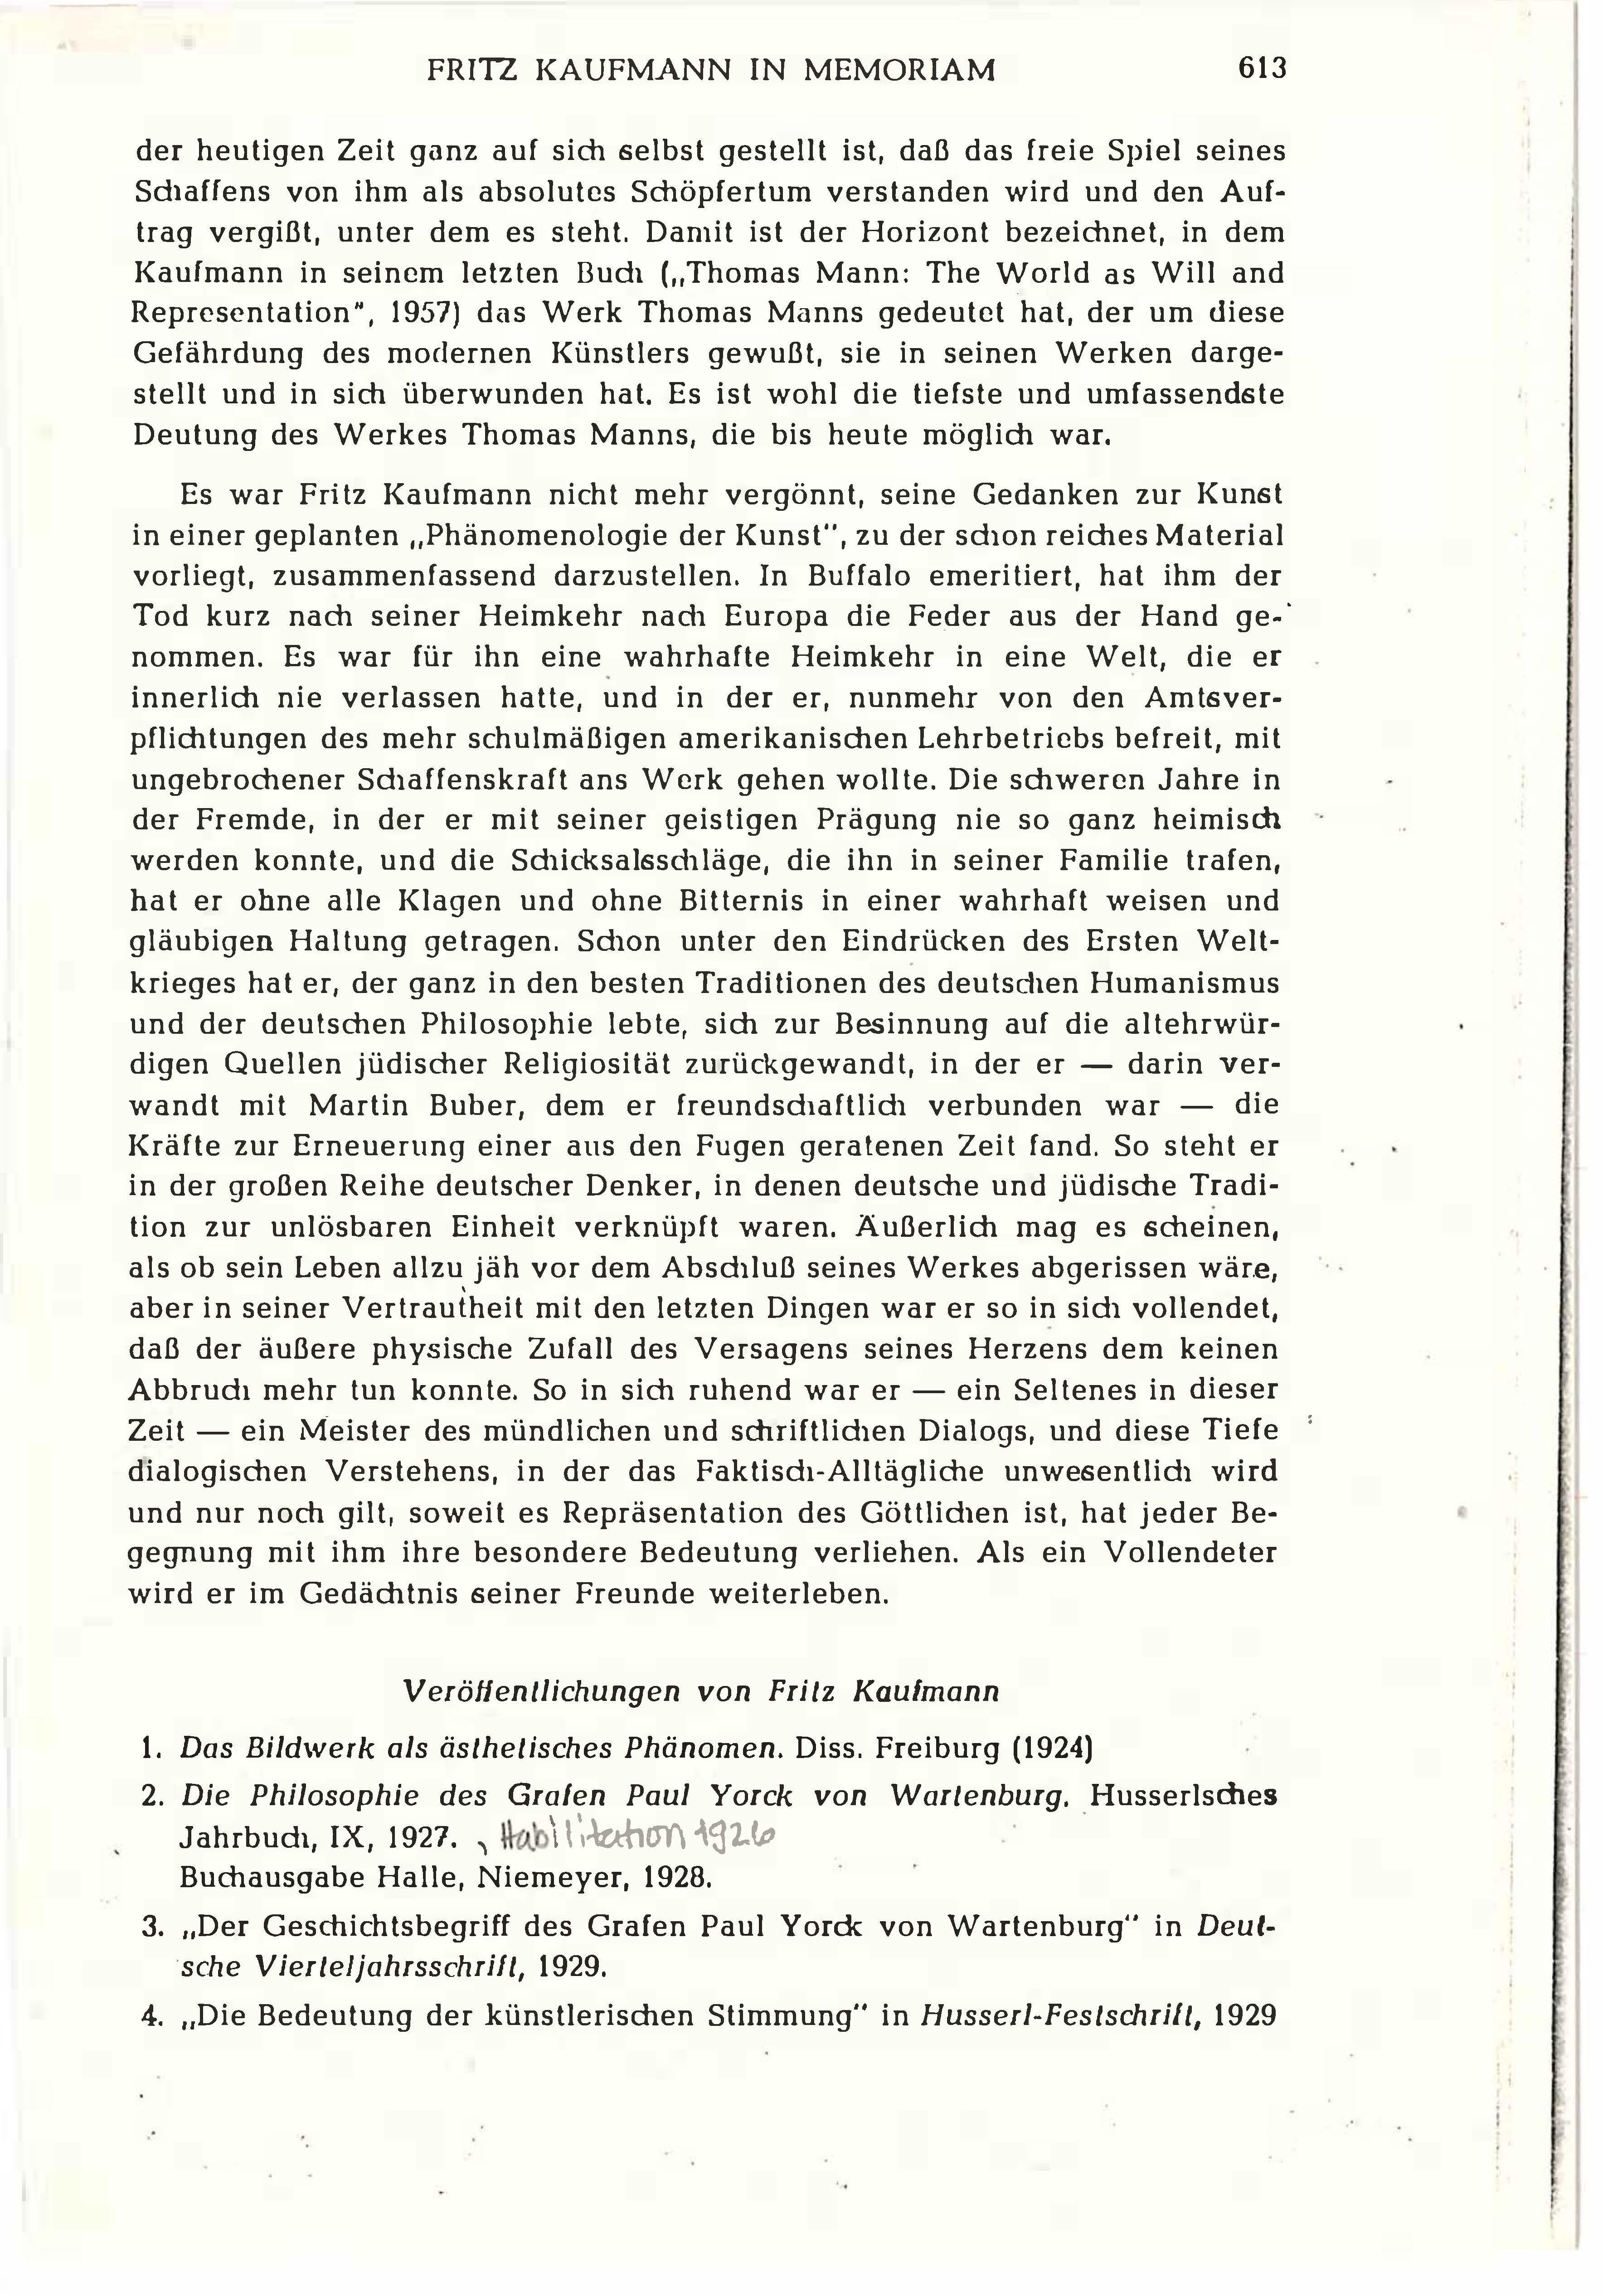 Landgrebe - Fritz Kaufmann in Memoriam_Page_2